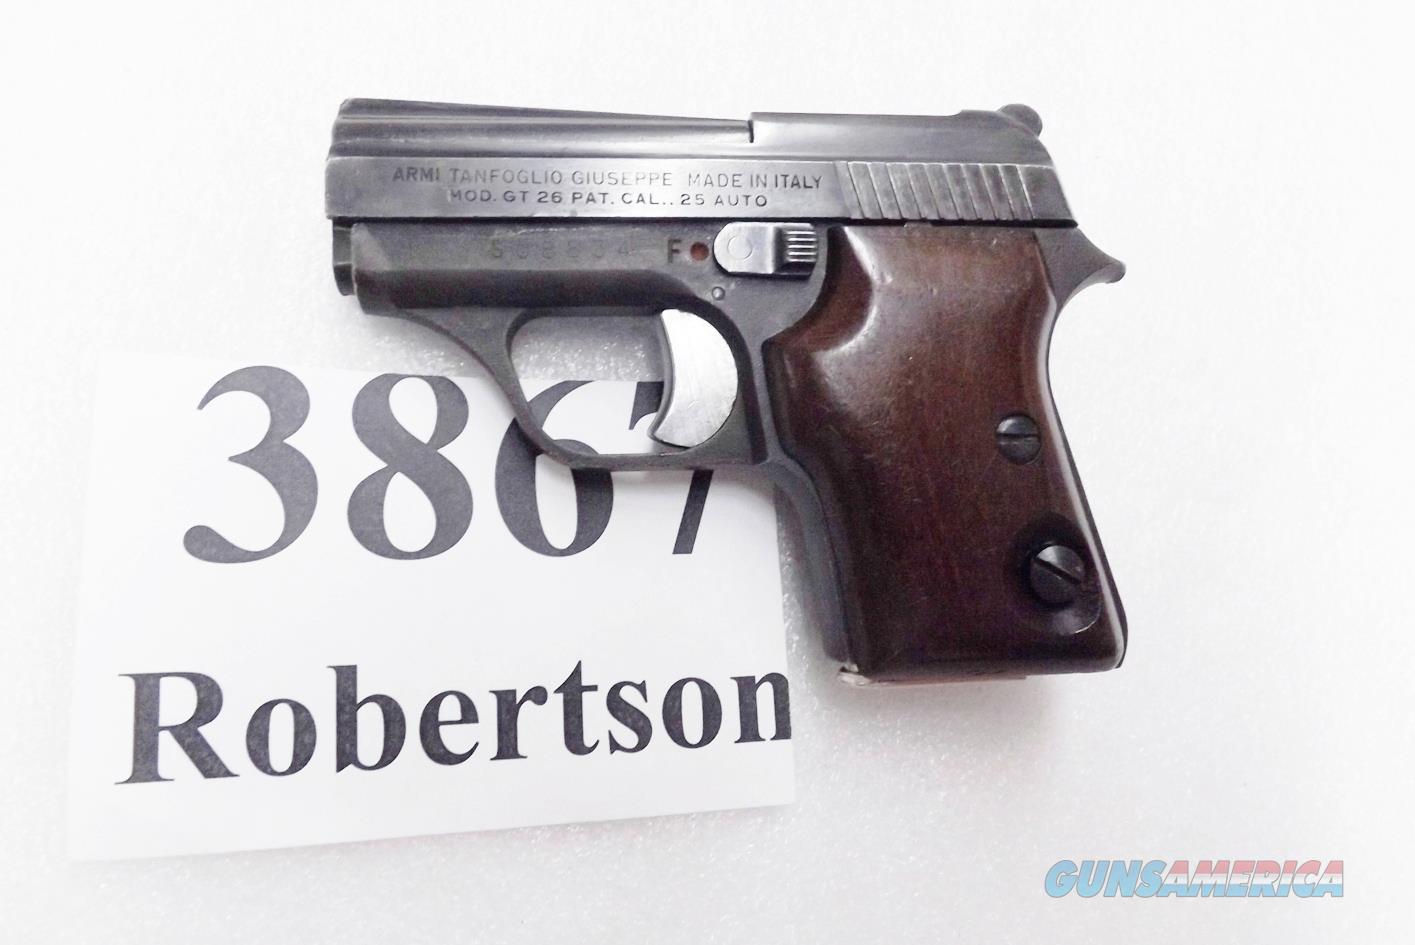 Excam .25 ACP GT27B Titan 25 Automatic 1980s Production VG 7 Shot Wood Grips  Guns > Pistols > Excel Arms Pistols